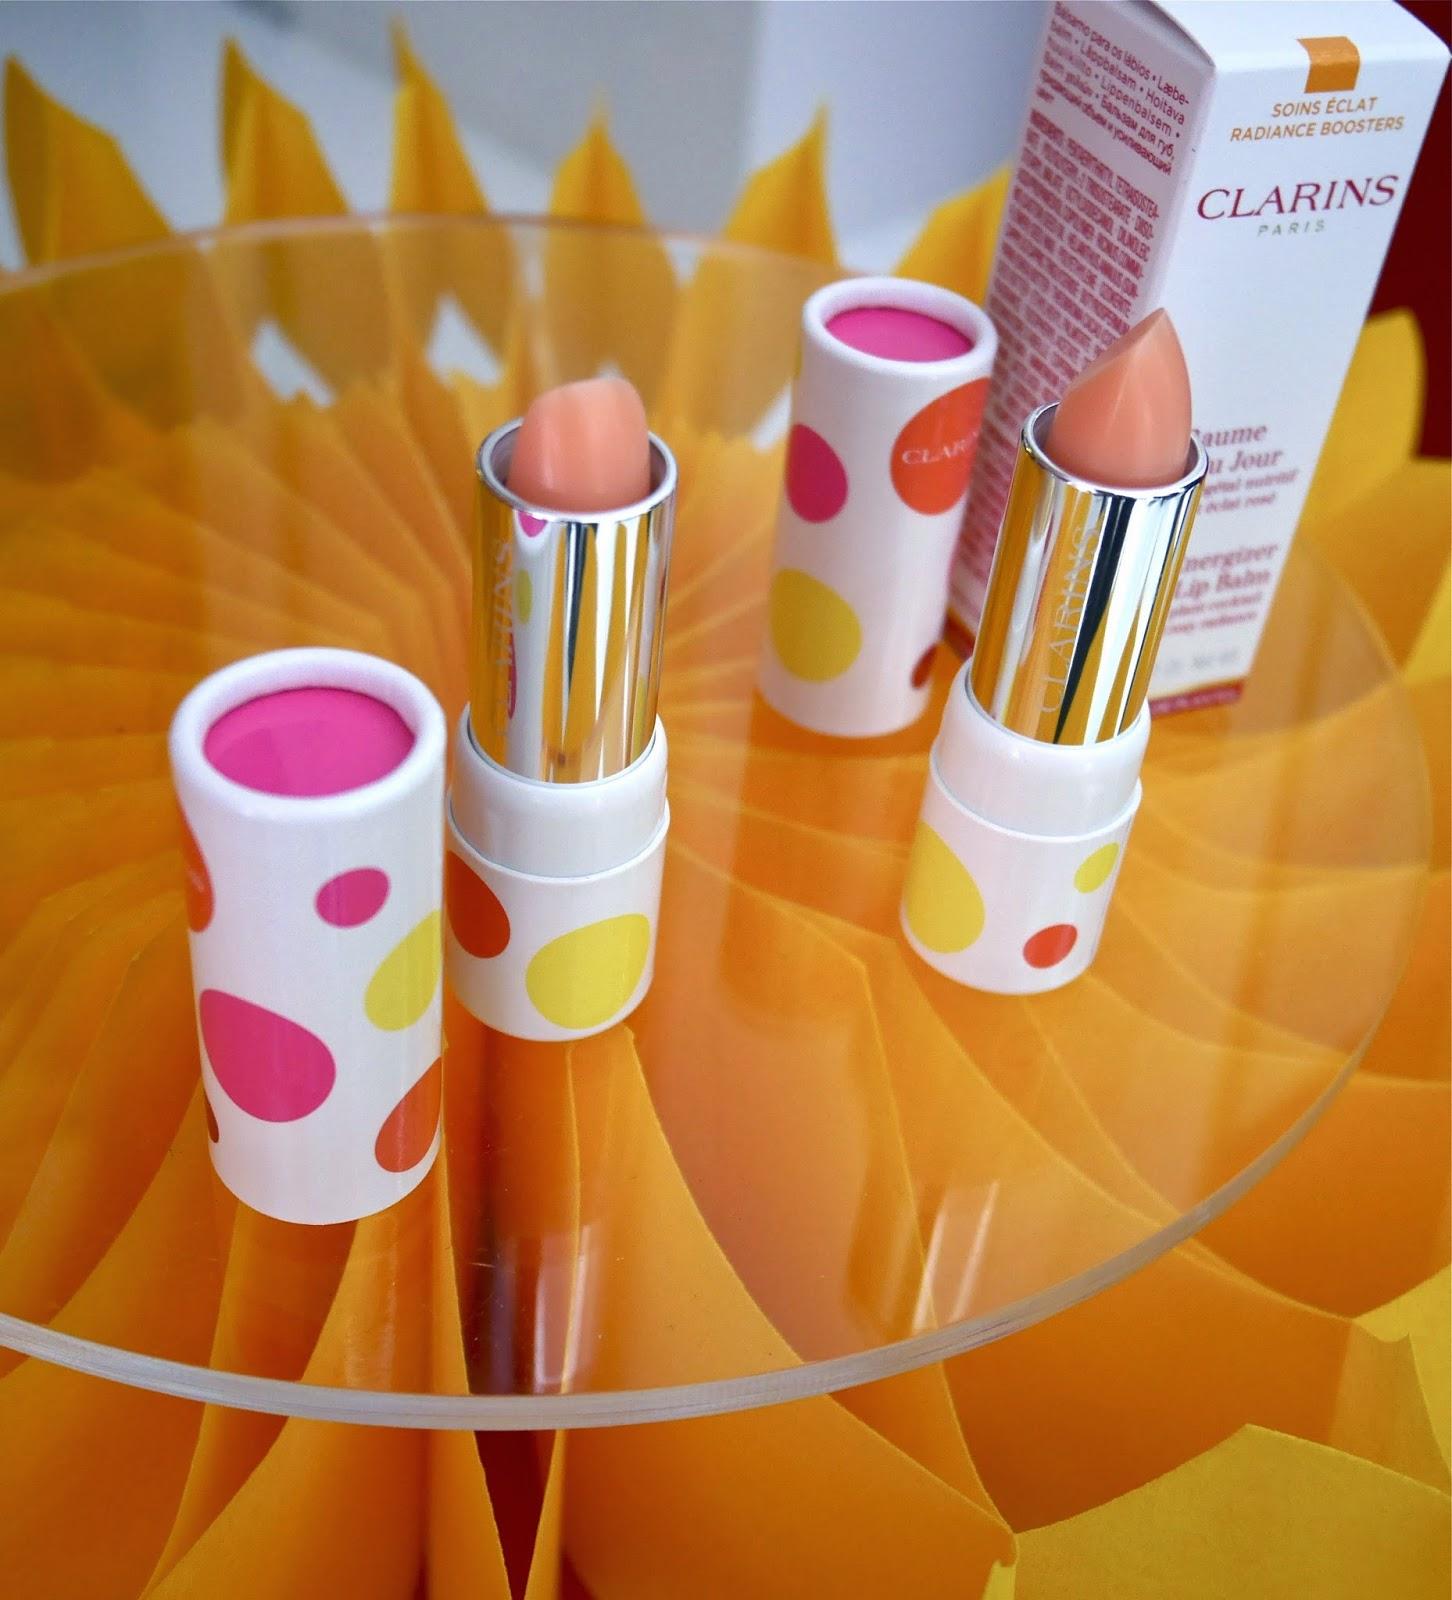 stick à lèvres, jour, pink, couleurs, cosmeto factory, blog